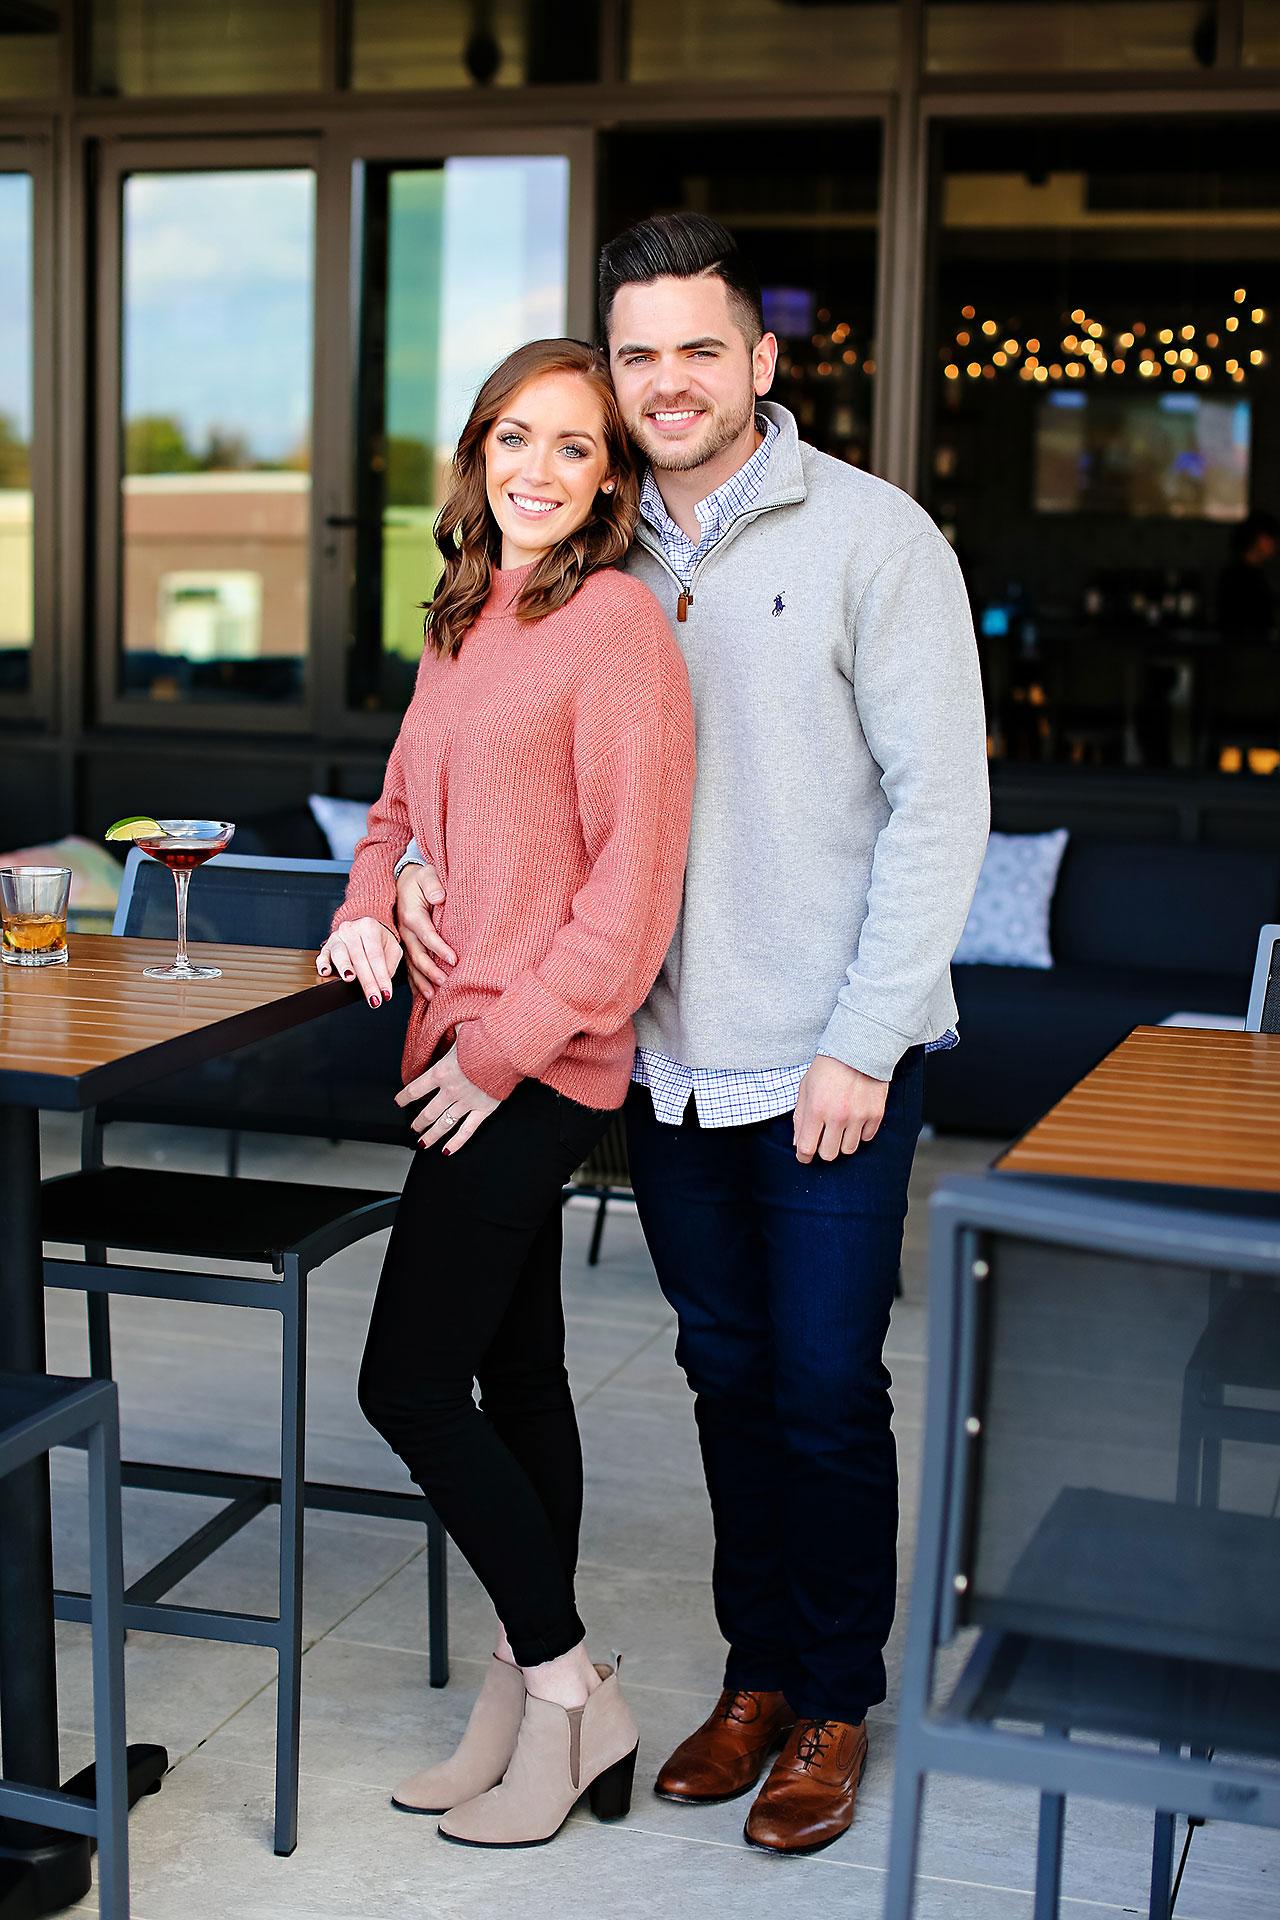 Callie Josh Carmel Indiana Engagement Session 050